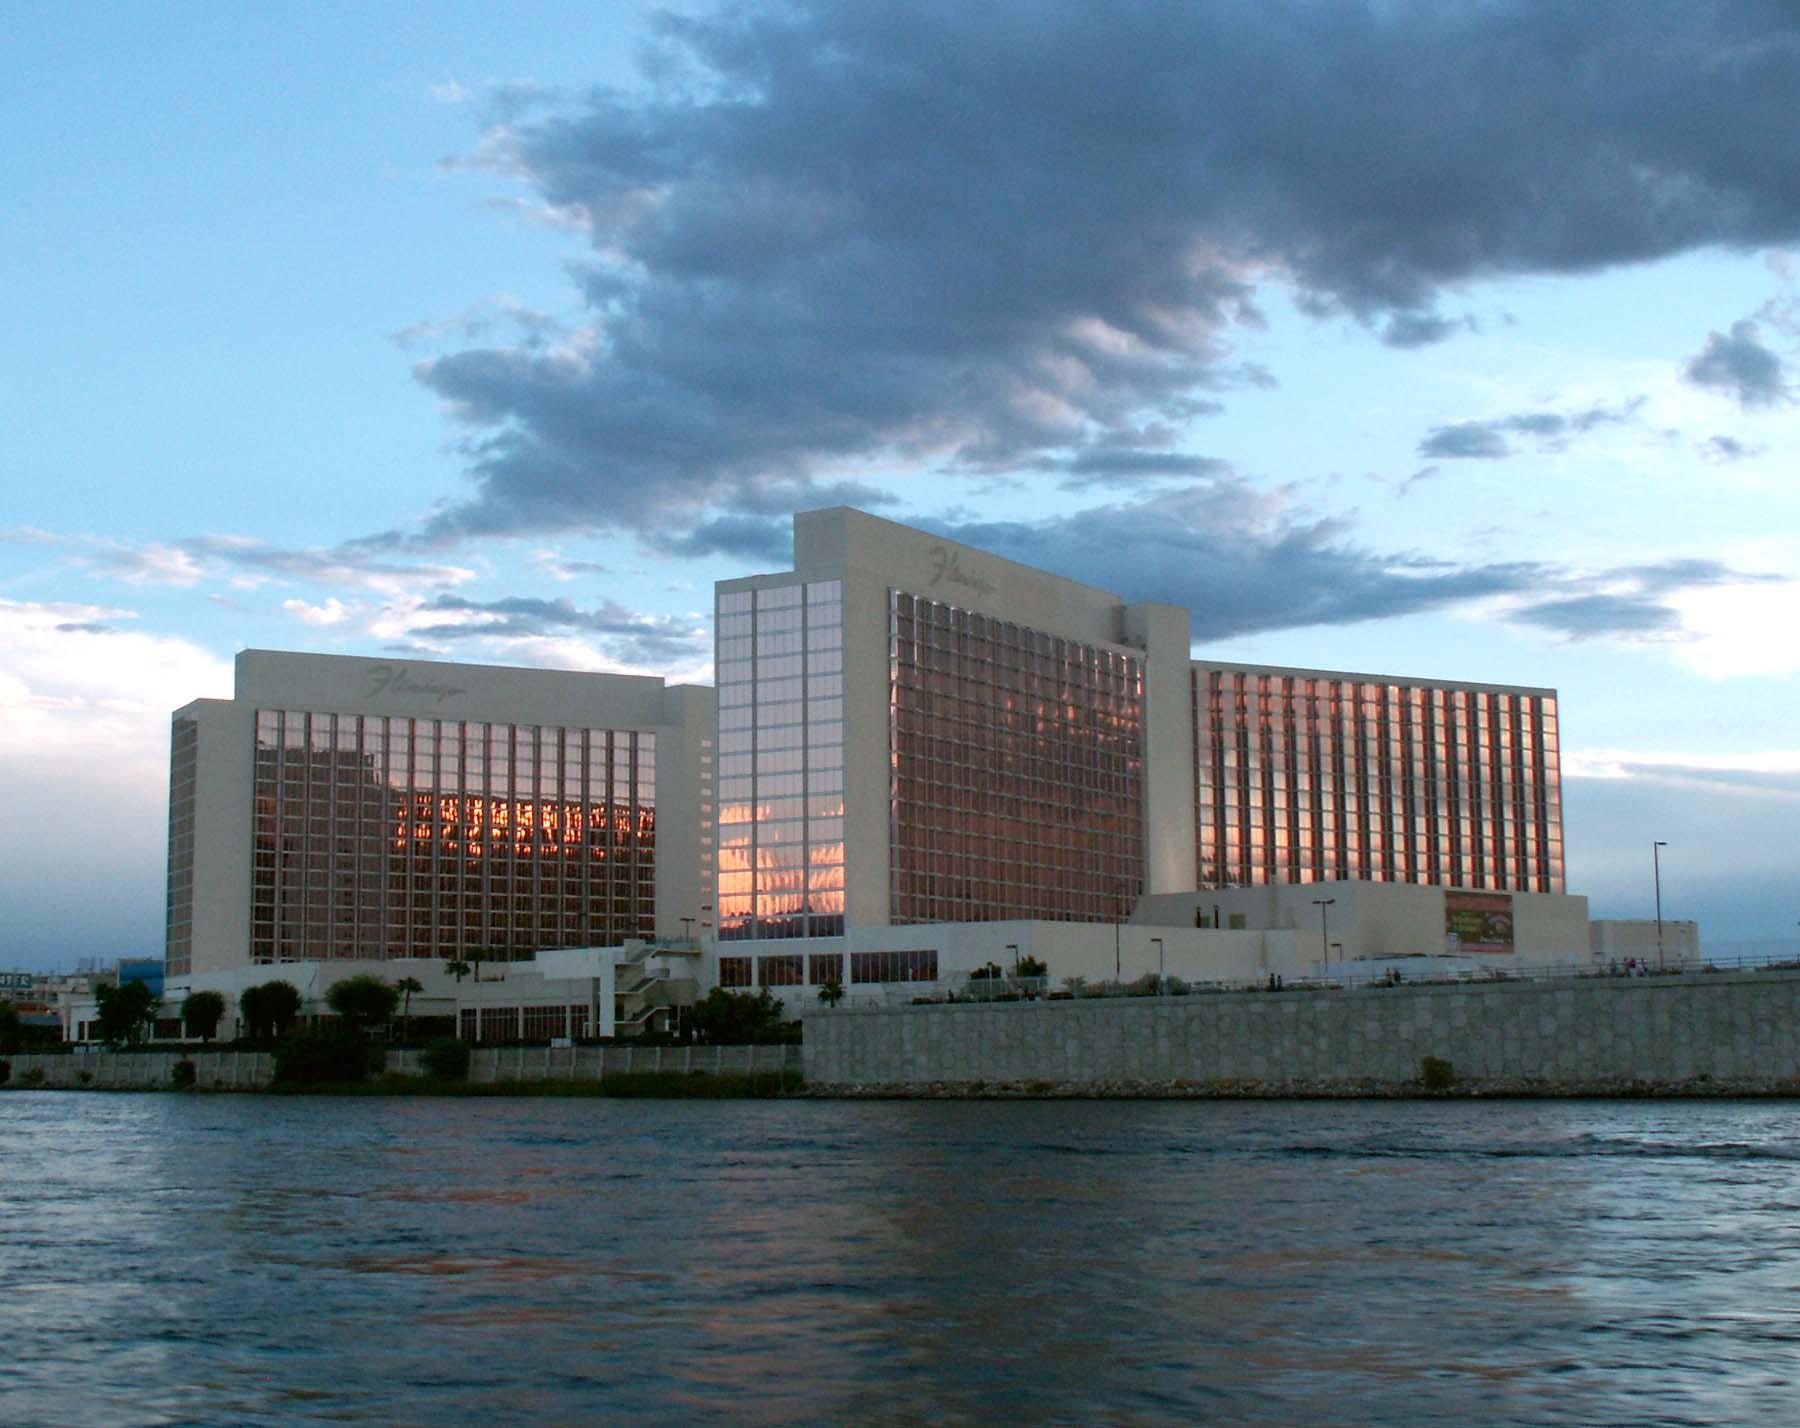 Davis casino